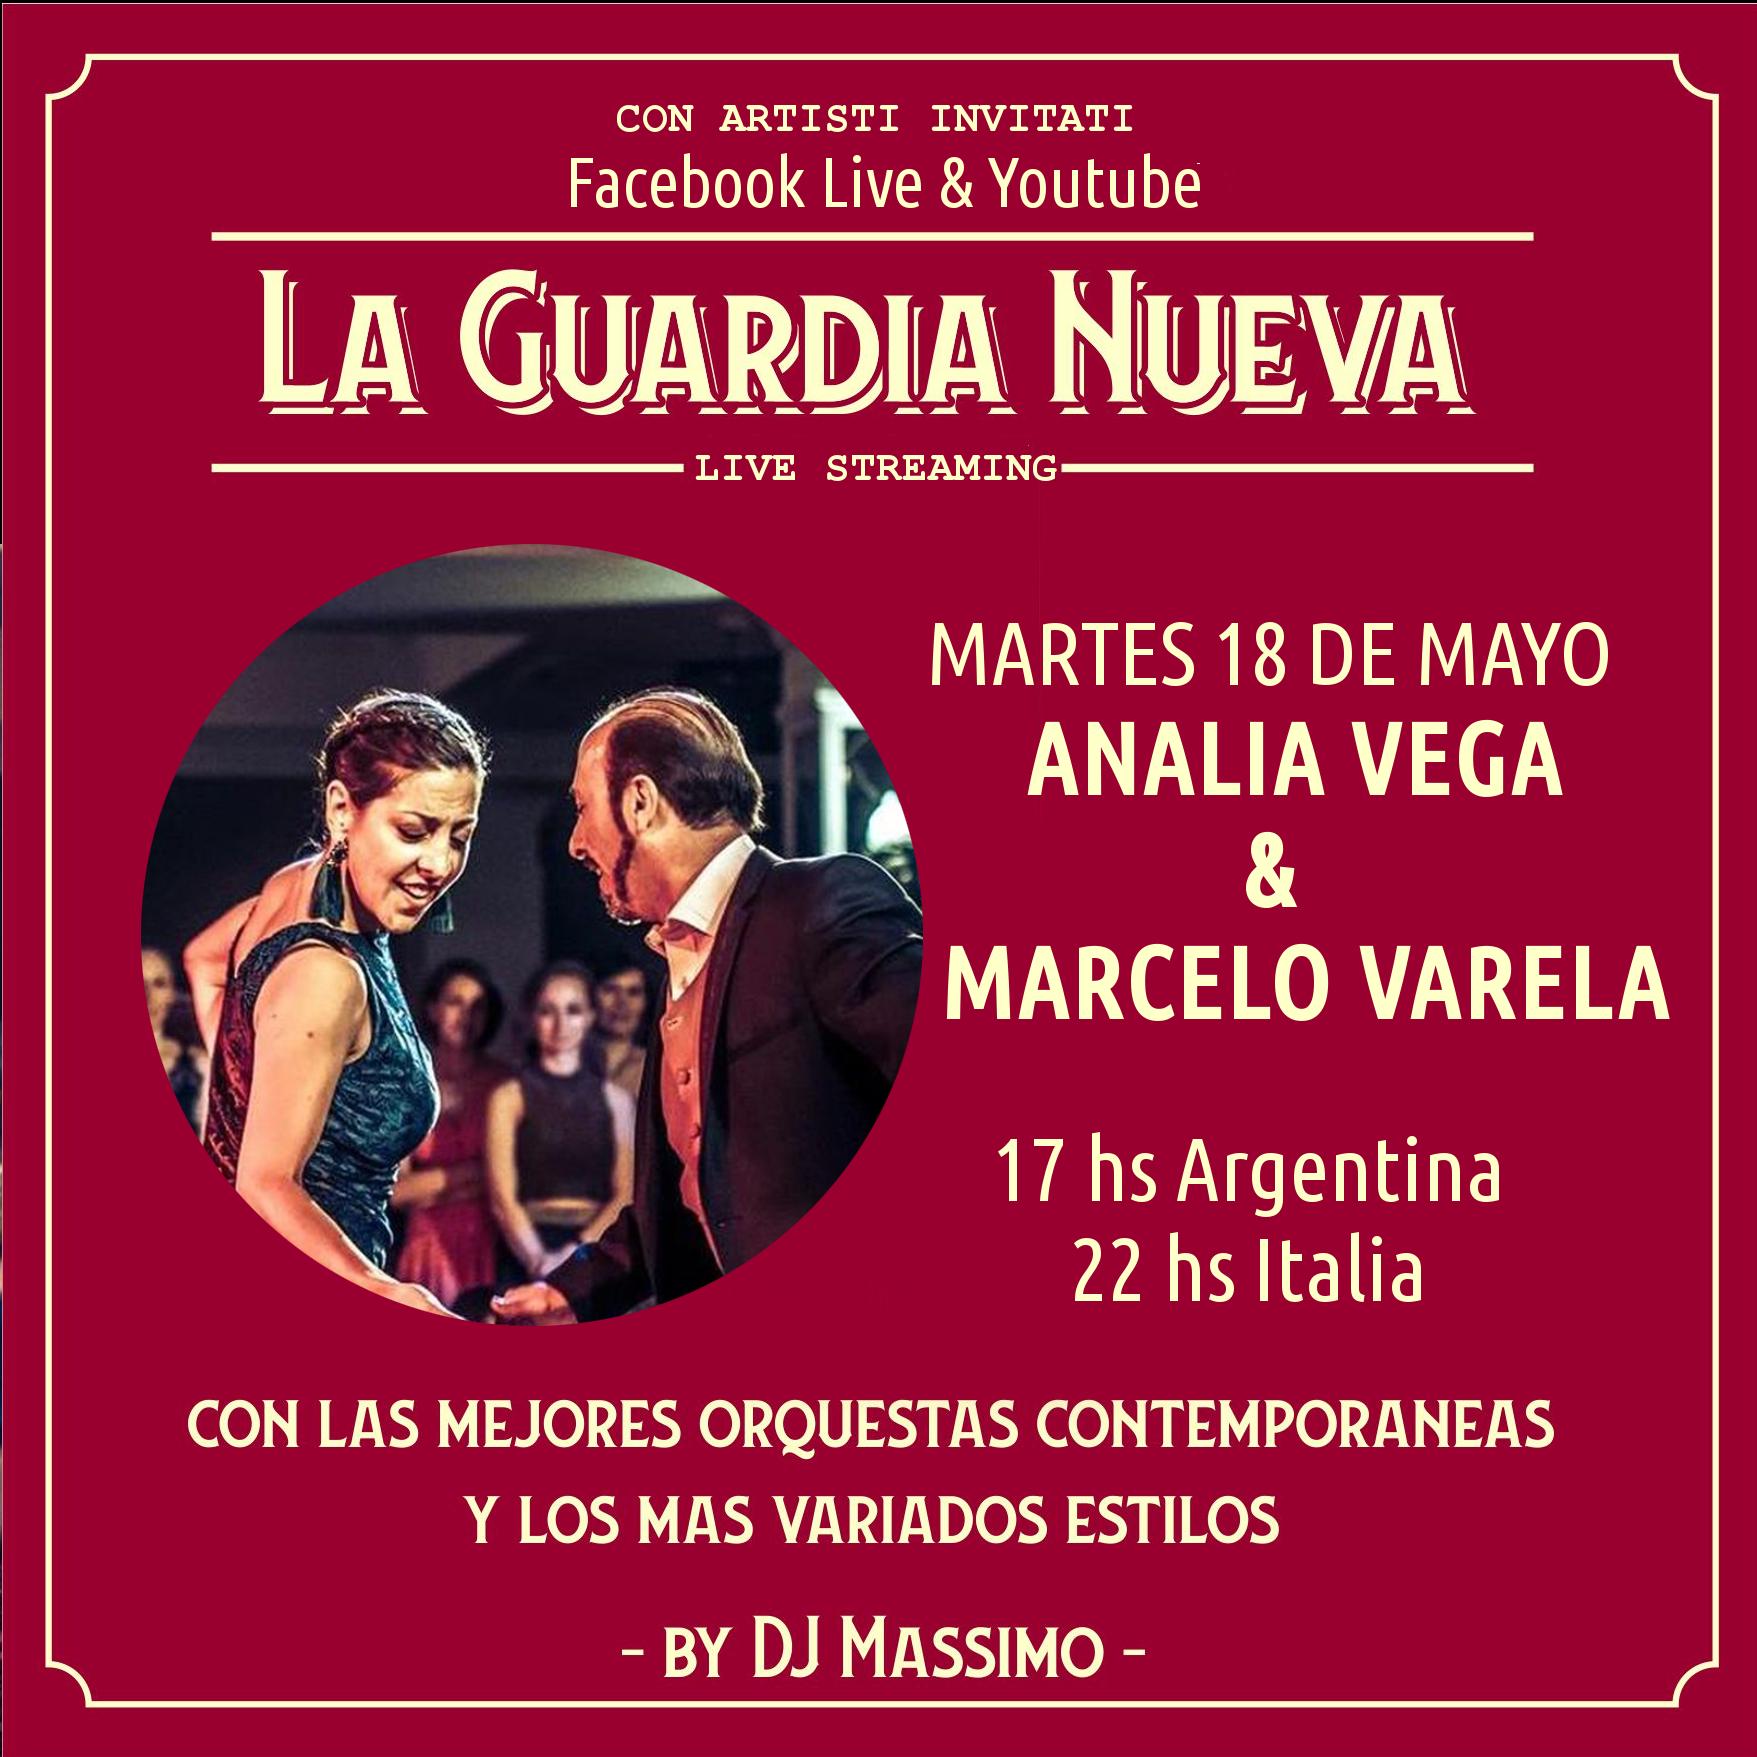 la guardia nueva tango del siglo xxi MARTES 18 DE MAYO